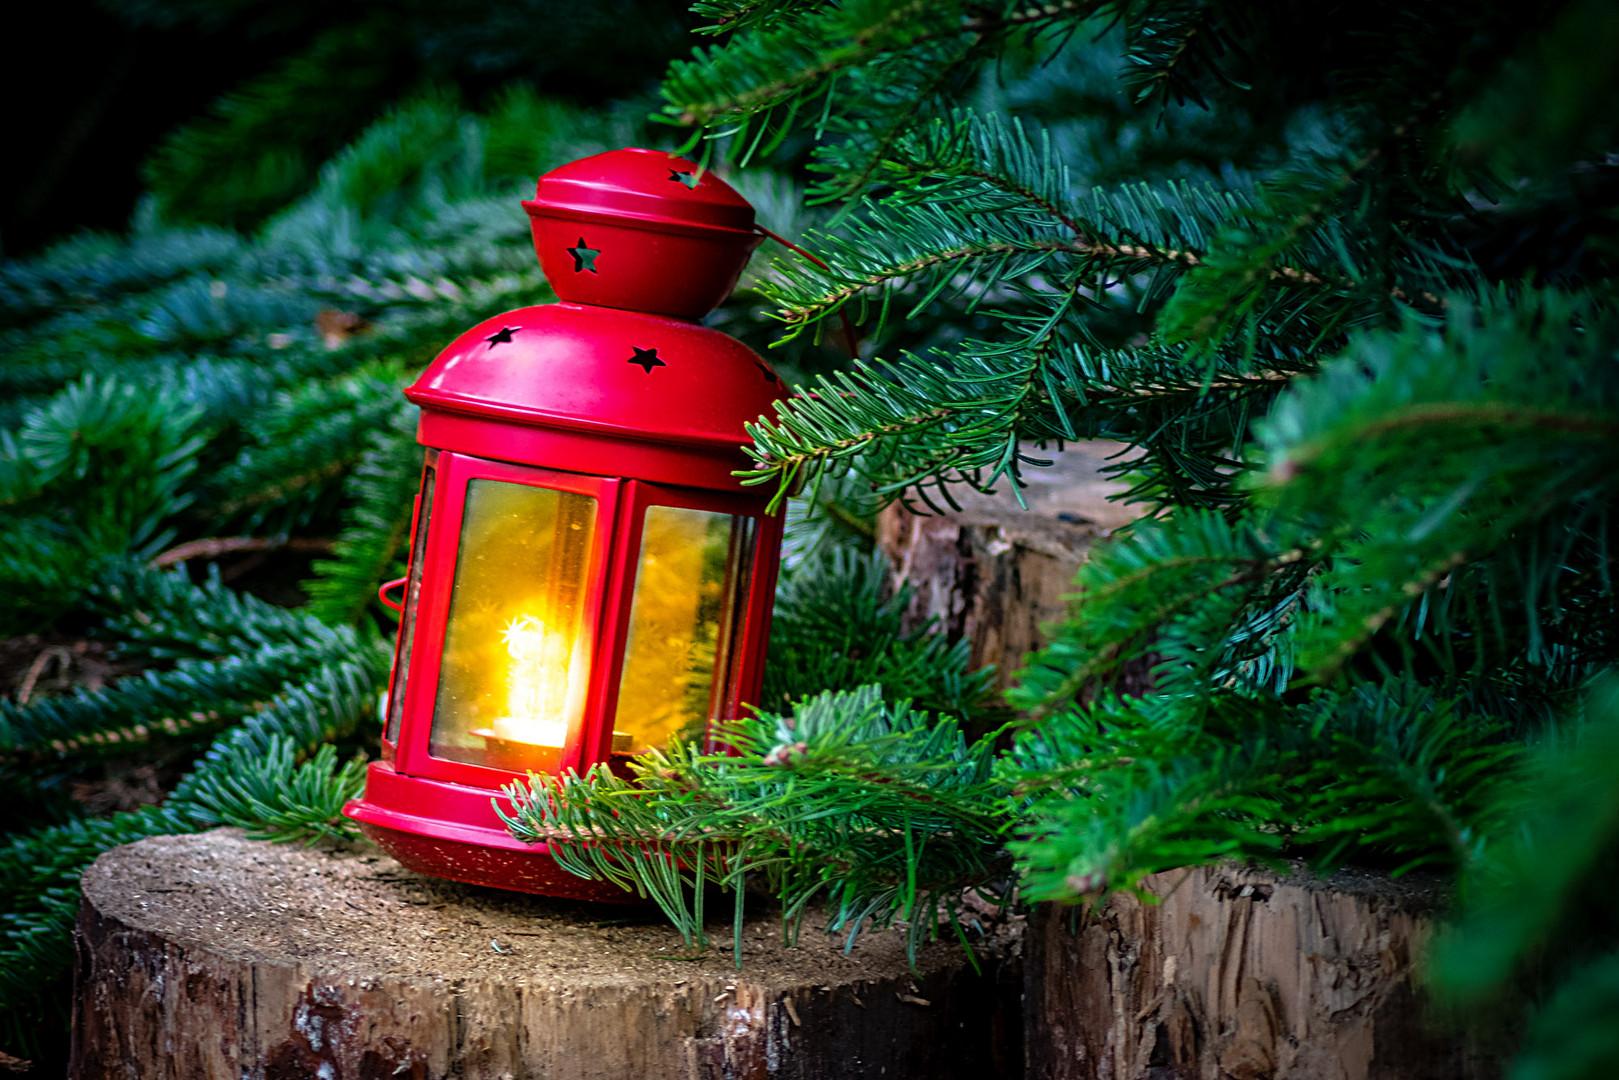 Hannover Weihnachtsmarkt.Im Wald Auf Dem Weihnachtsmarkt Hannover Foto Bild